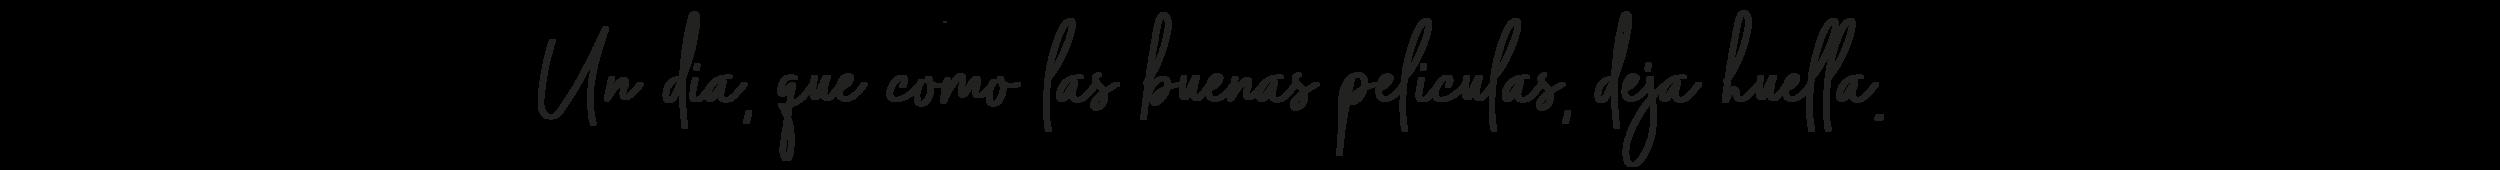 imagenes-web-bloggever-intuasturias-2019-24.png